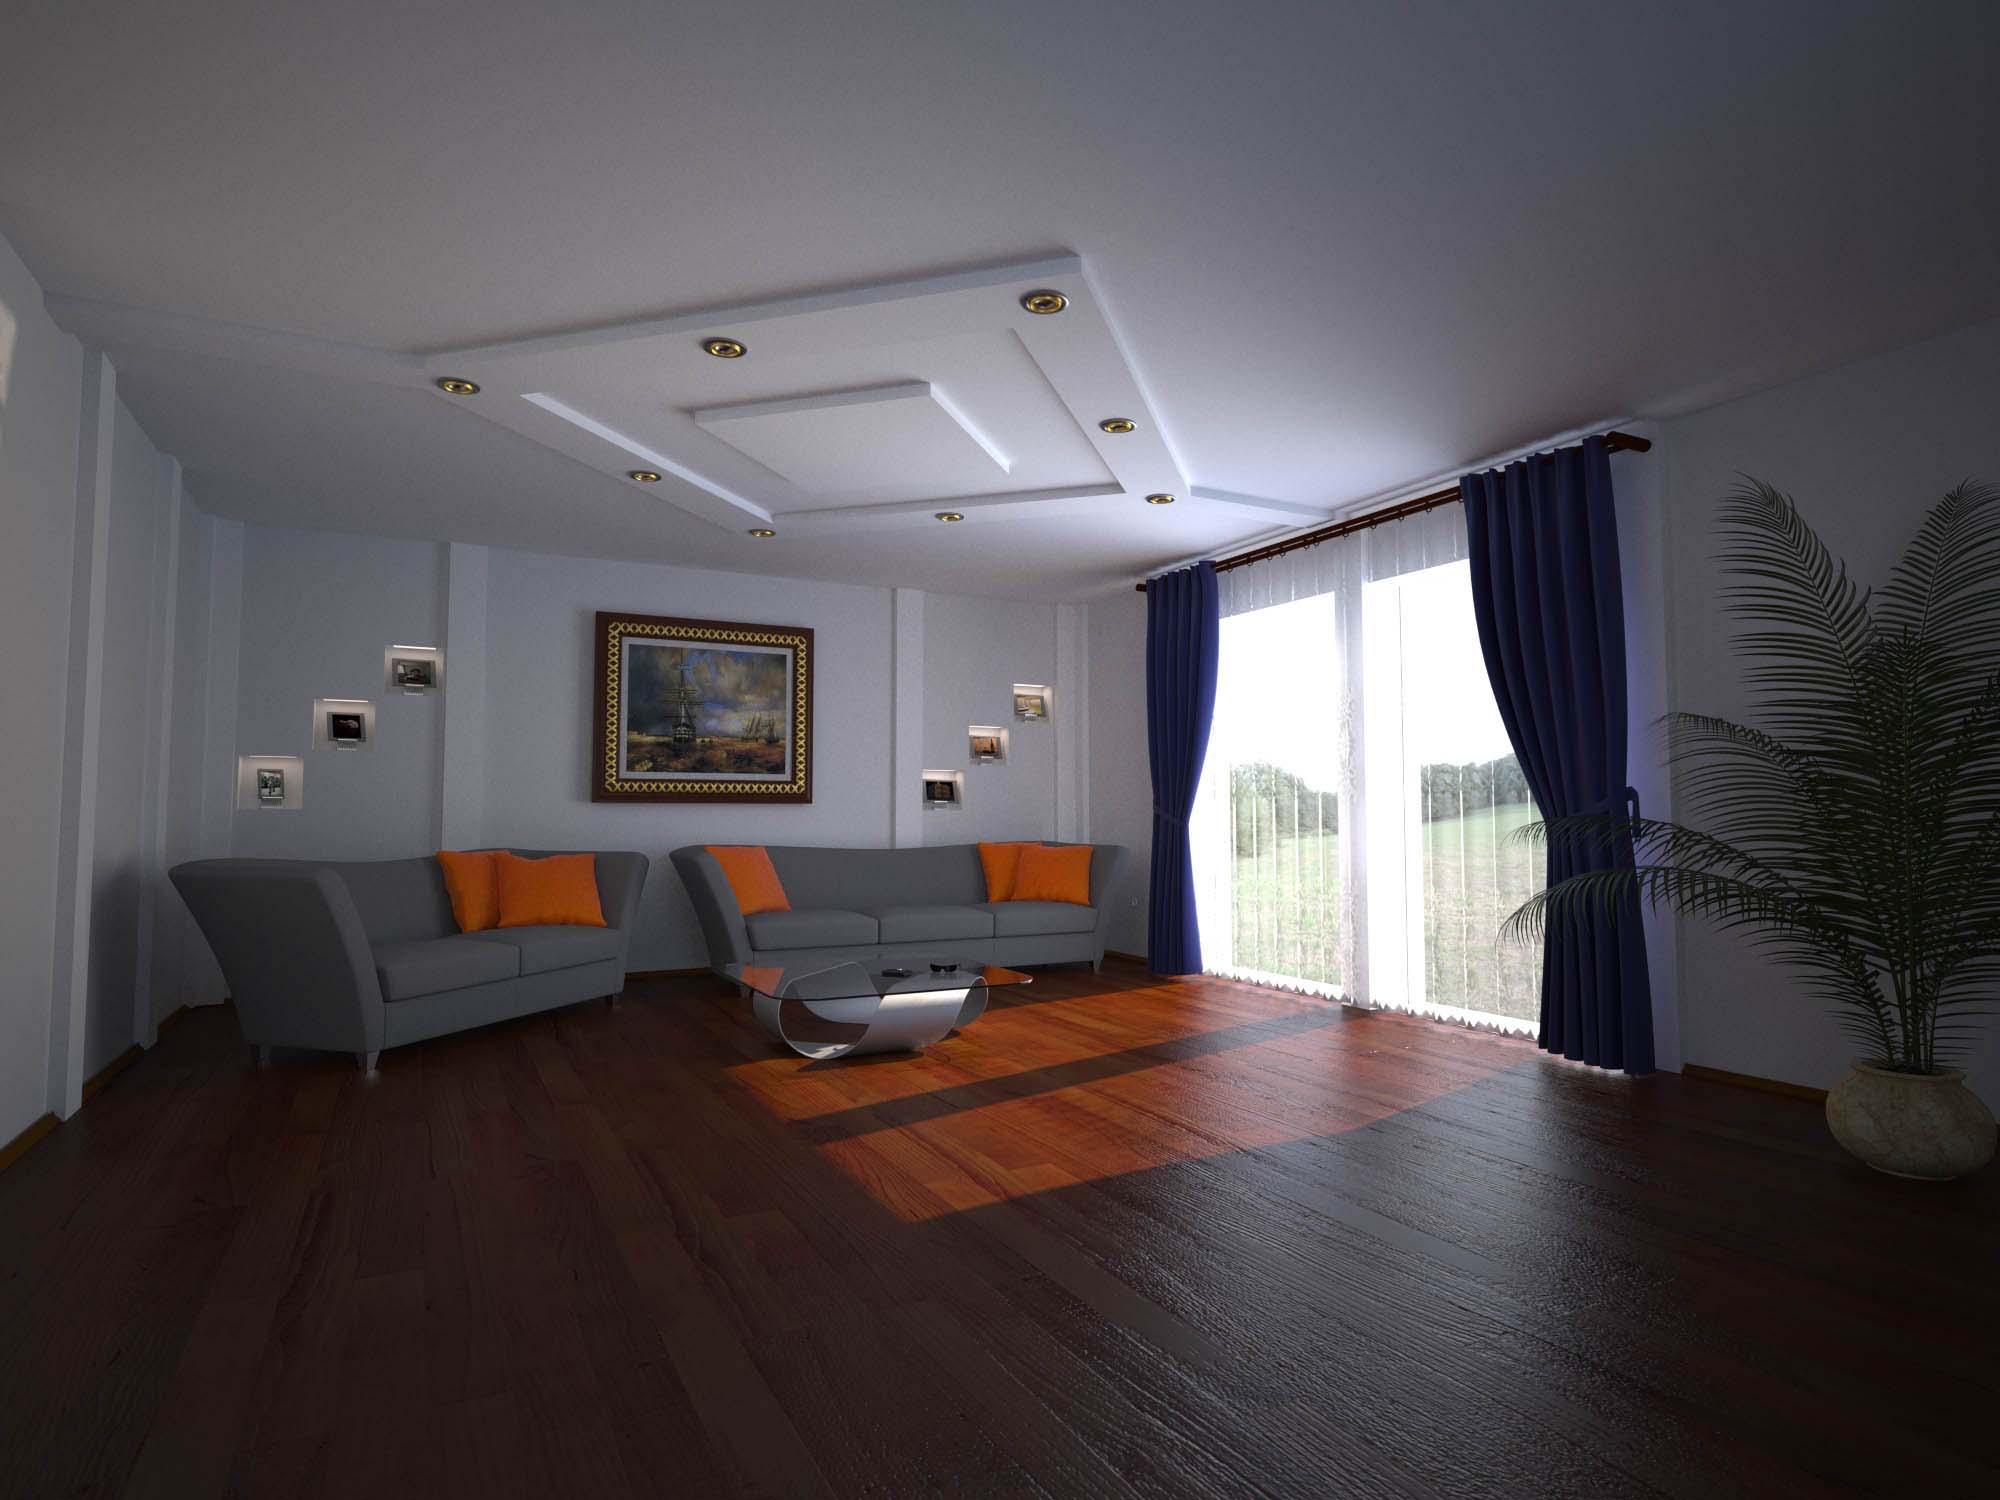 Дизайн интерьера квартир on-line